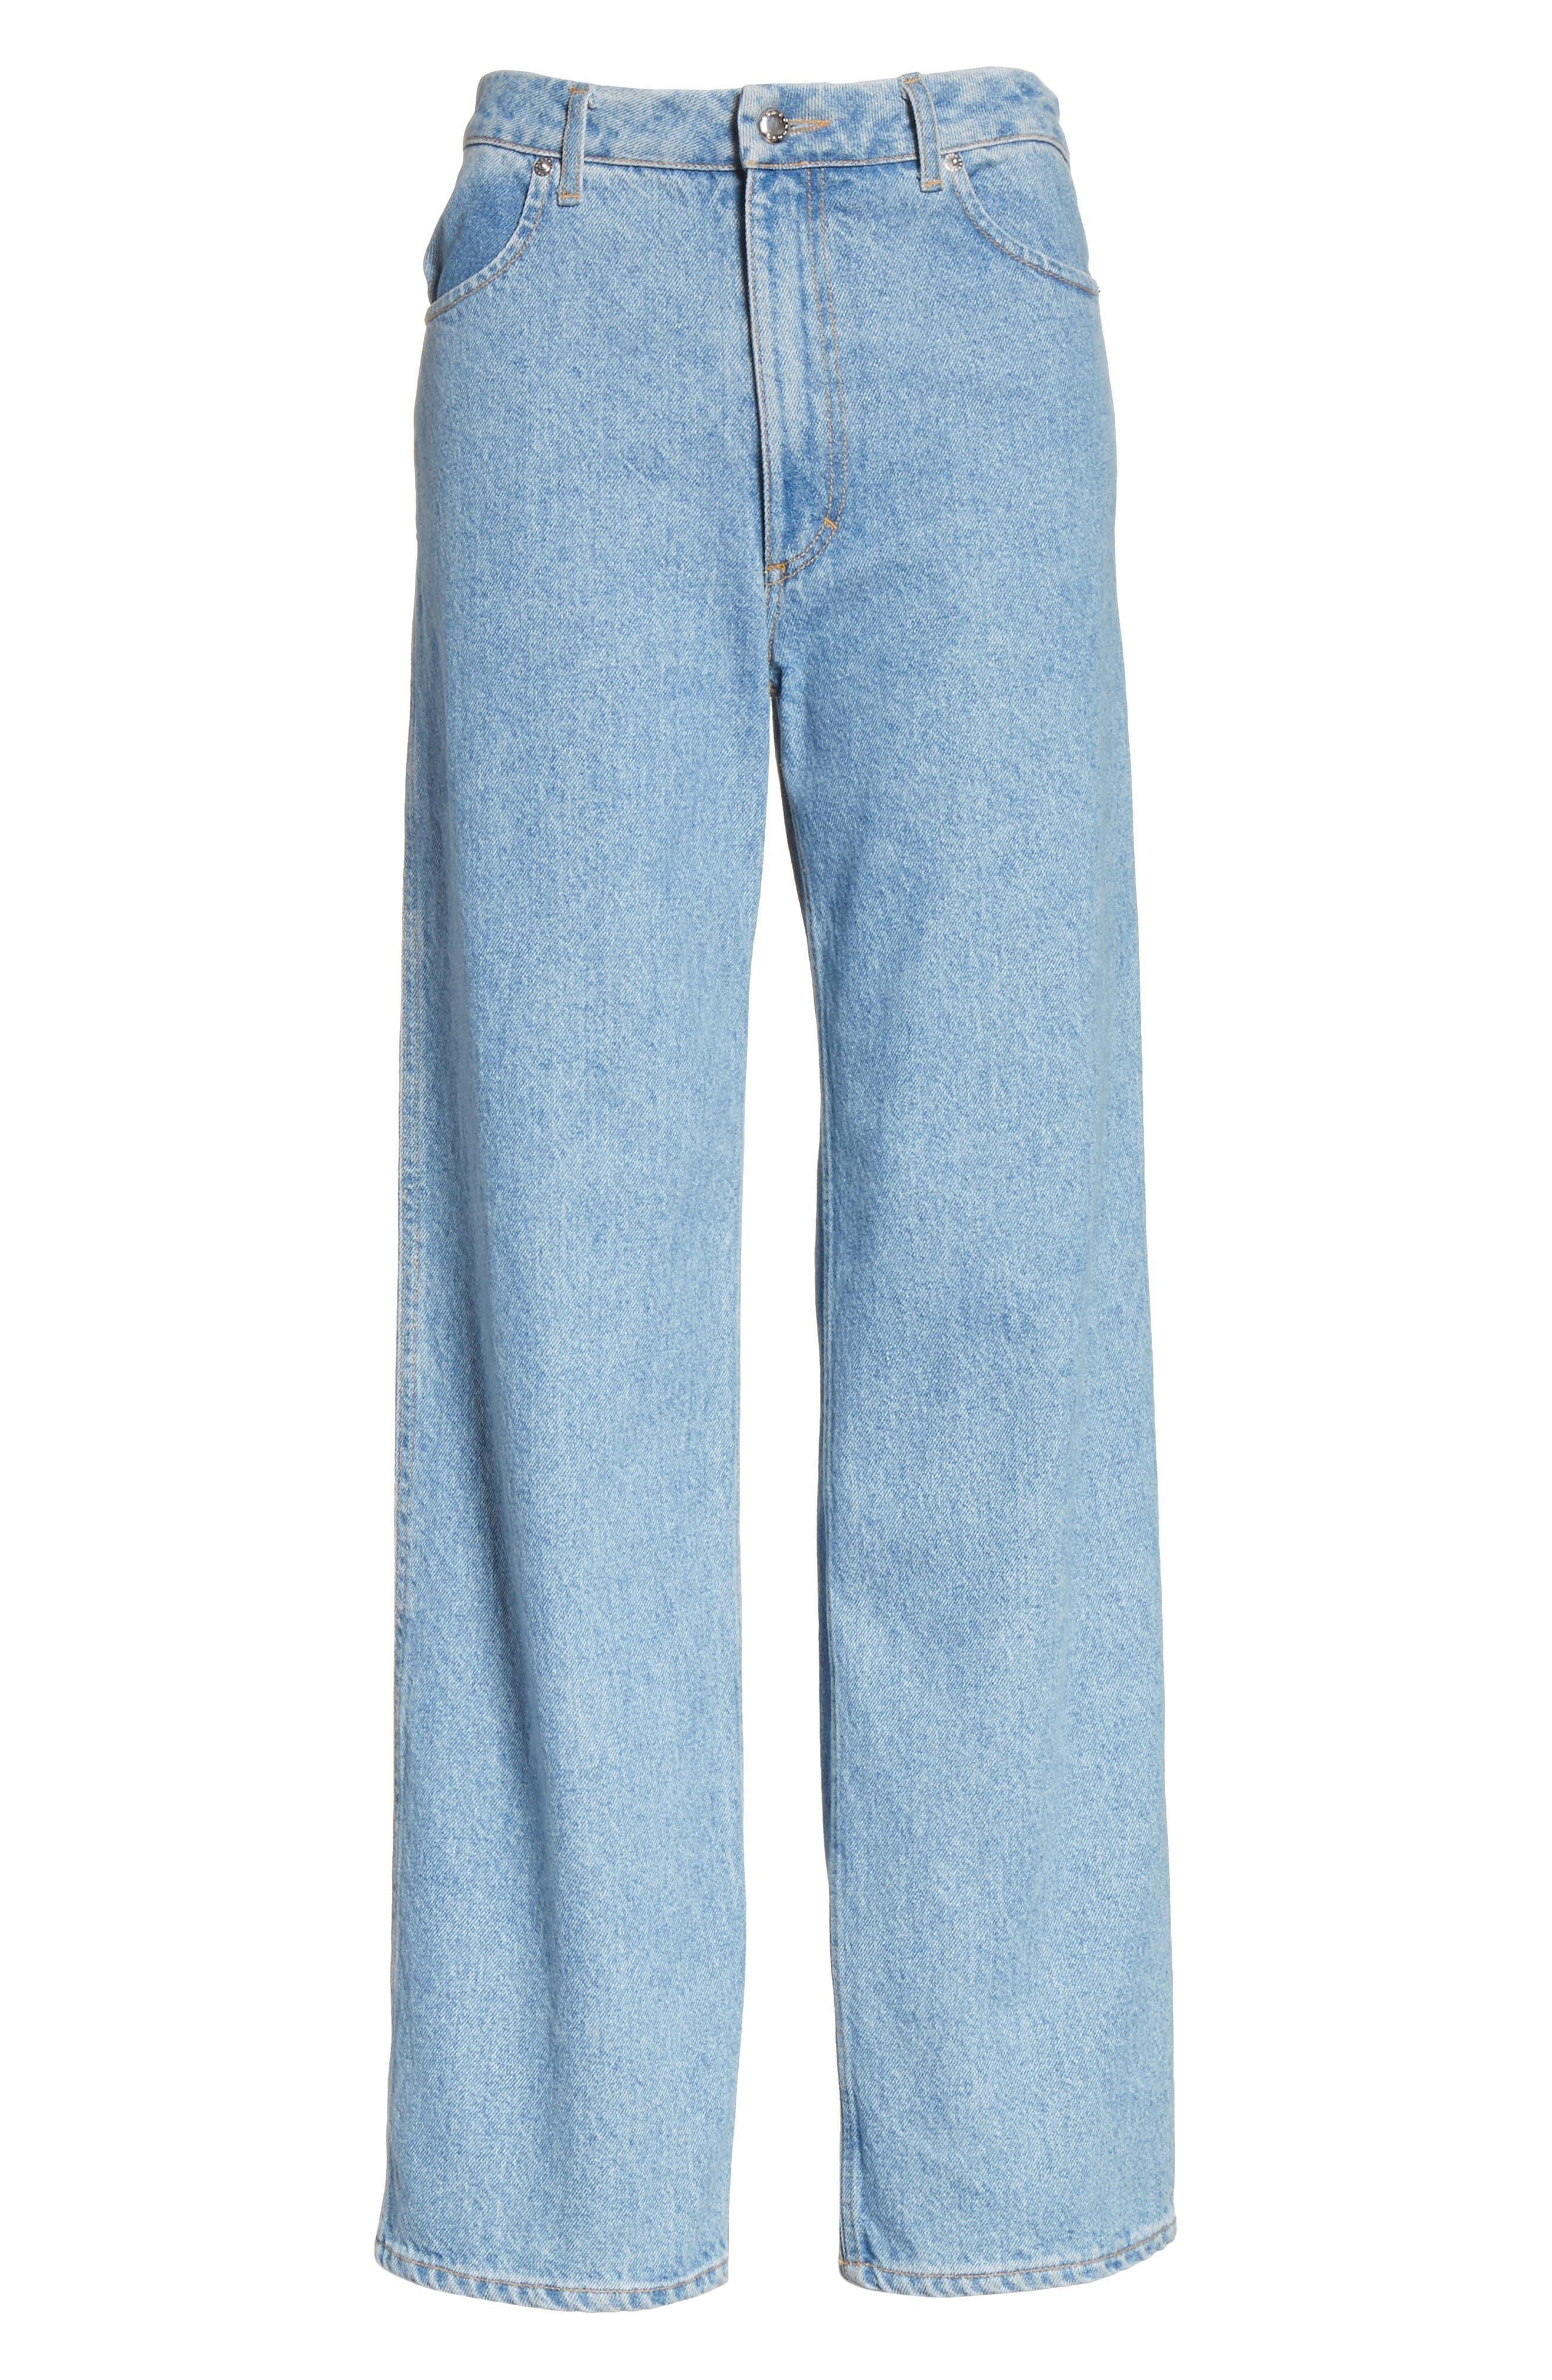 EL Wide Leg Jeans,                             Alternate thumbnail 6, color,                             400